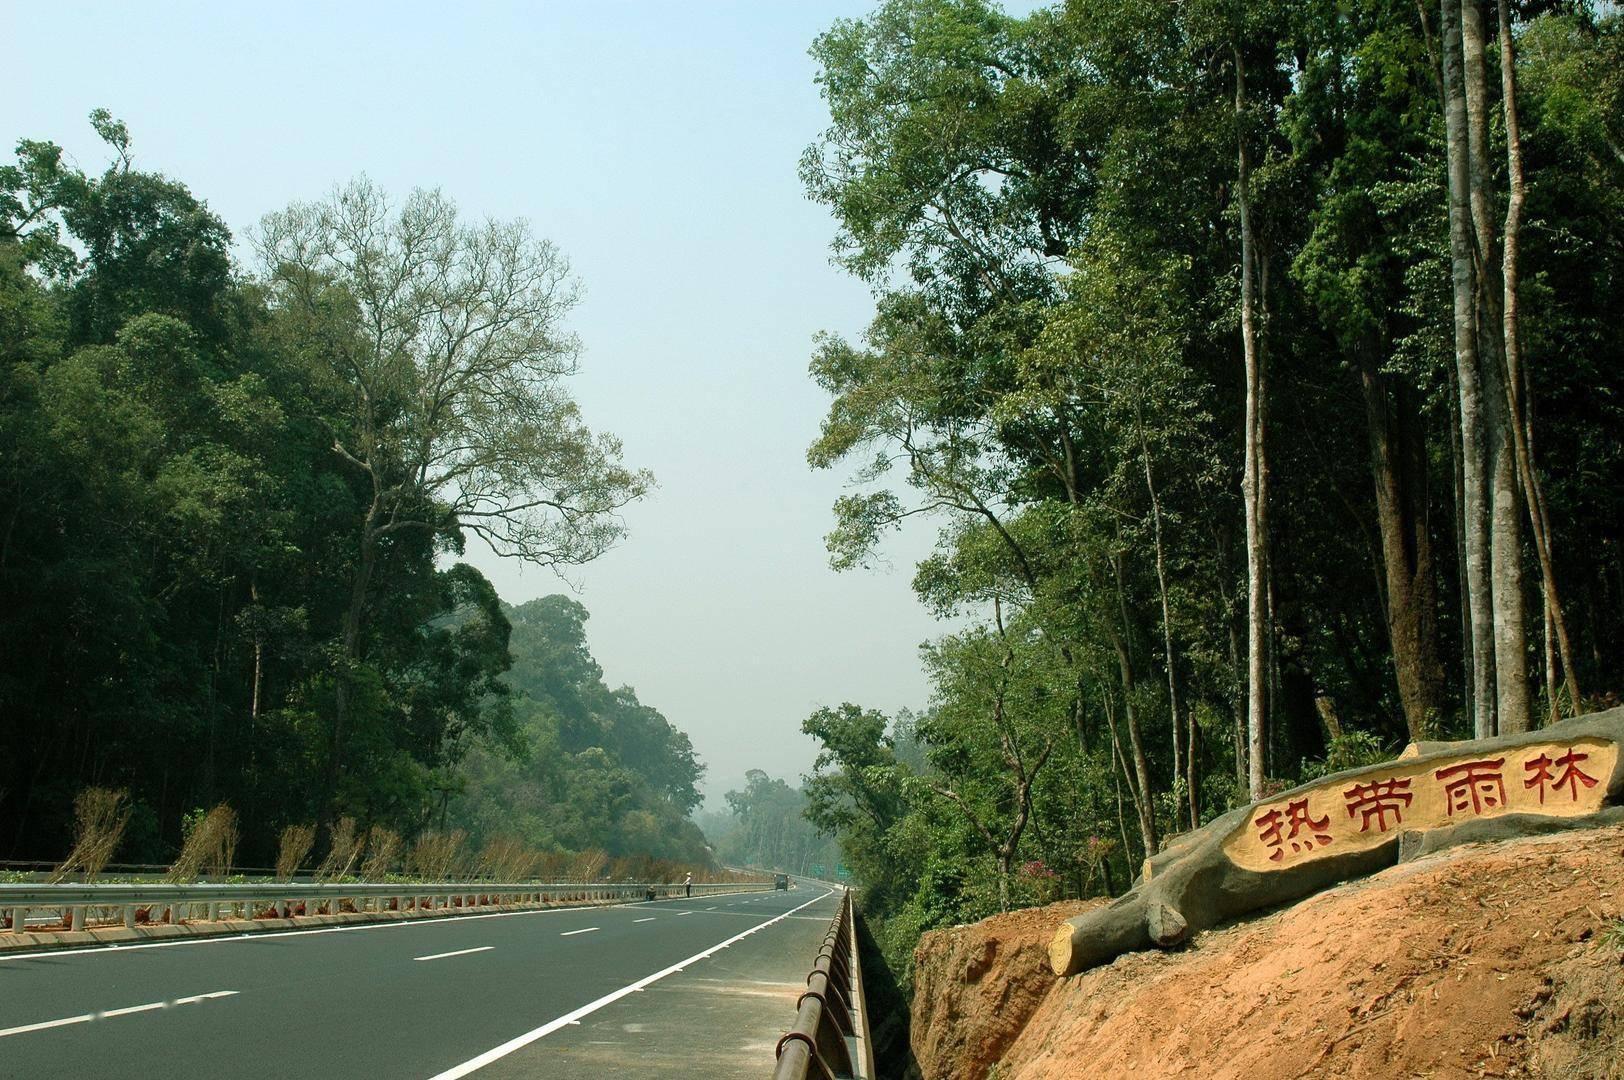 """沿着高速看中国丨资深驴友推荐""""宝藏高速"""":感受人与自然和谐之美"""